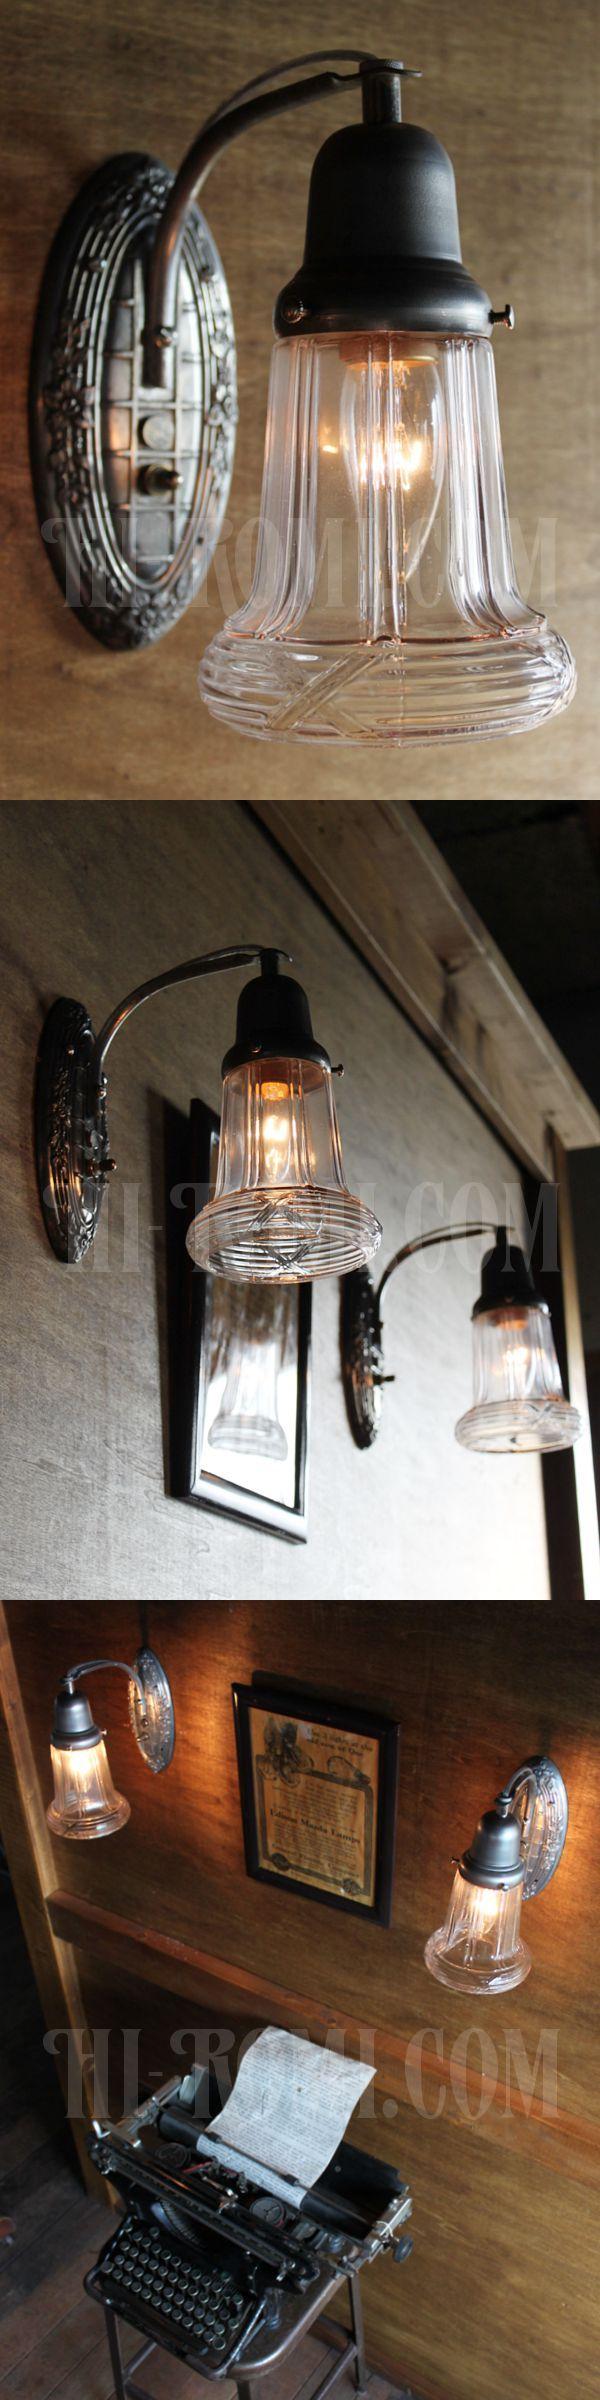 ヴィンテージガラスシェード付ピューター製花柄ベースのブラケットランプ/アンティークヴィクトリアンレトロ照明壁掛けウォールライト